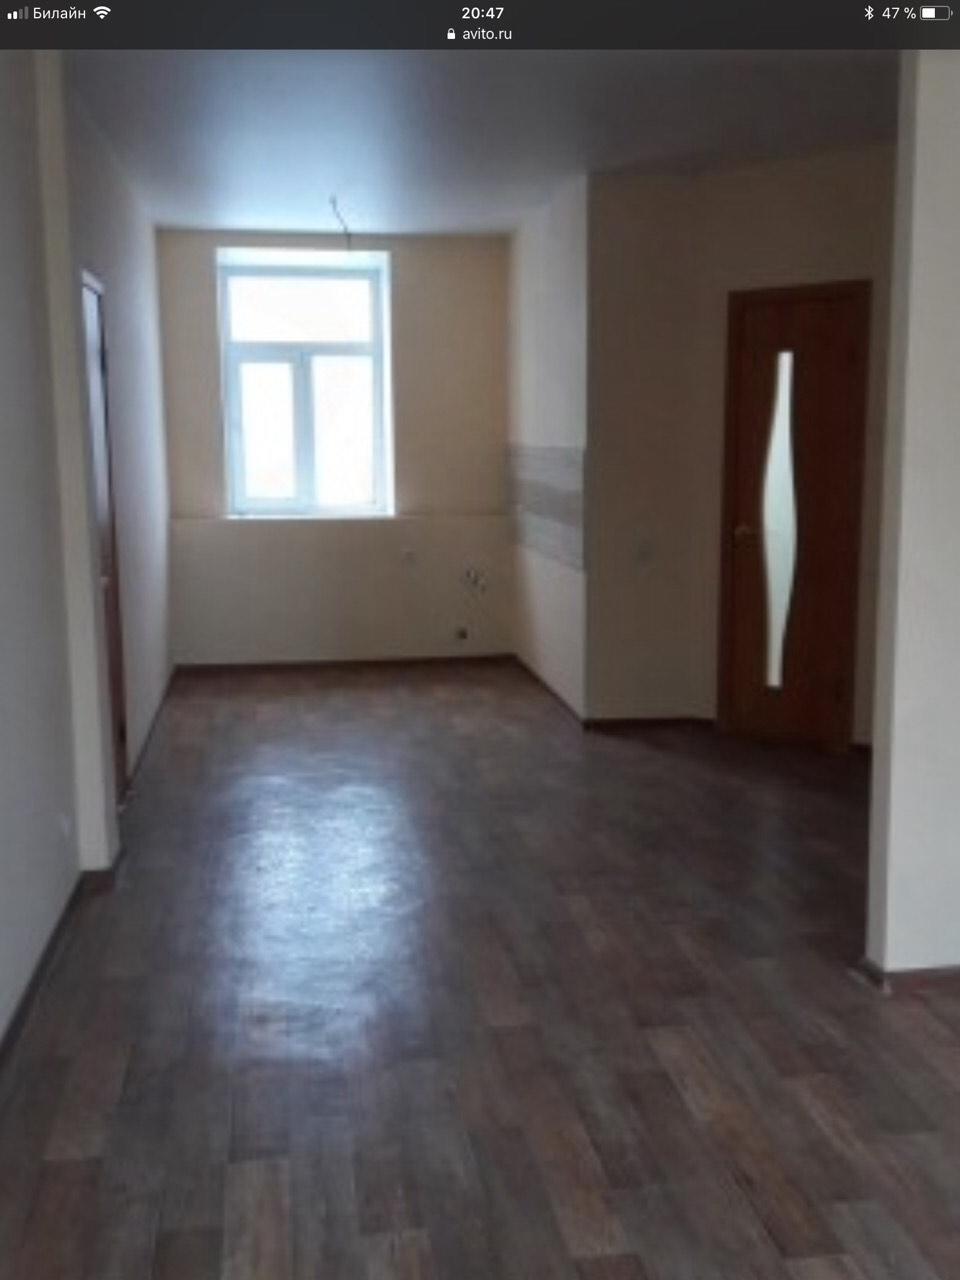 Продам 3-комнатную квартиру в городе Саратов, на улице им Вавилова Н.И.,  9/11, 5-этаж 5-этажного кирпичный дома, площадь: 65/0/12 м2